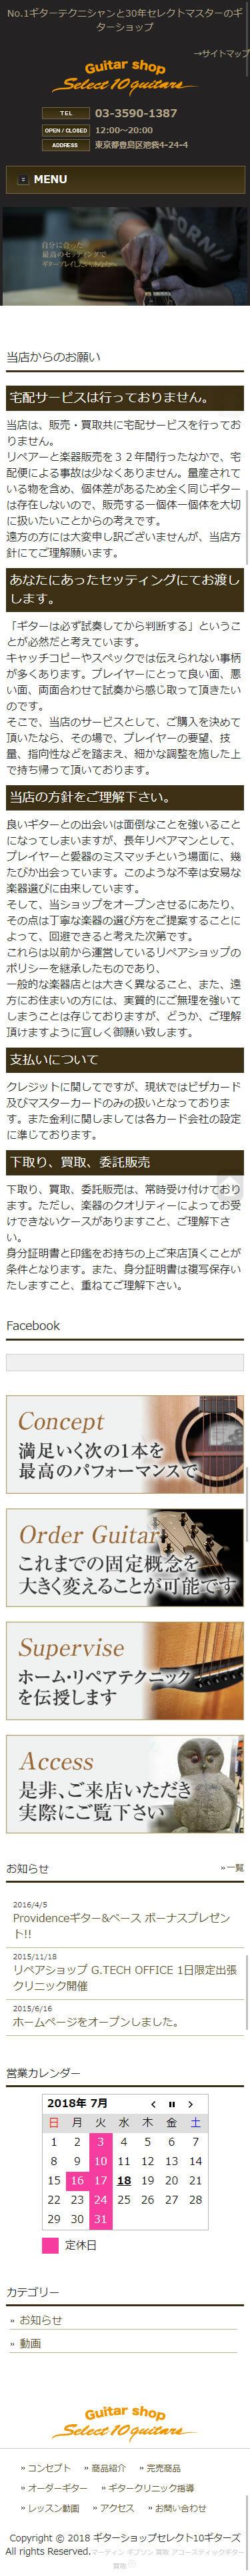 東京都 セレクト10ギターズ様 ホームページ制作3